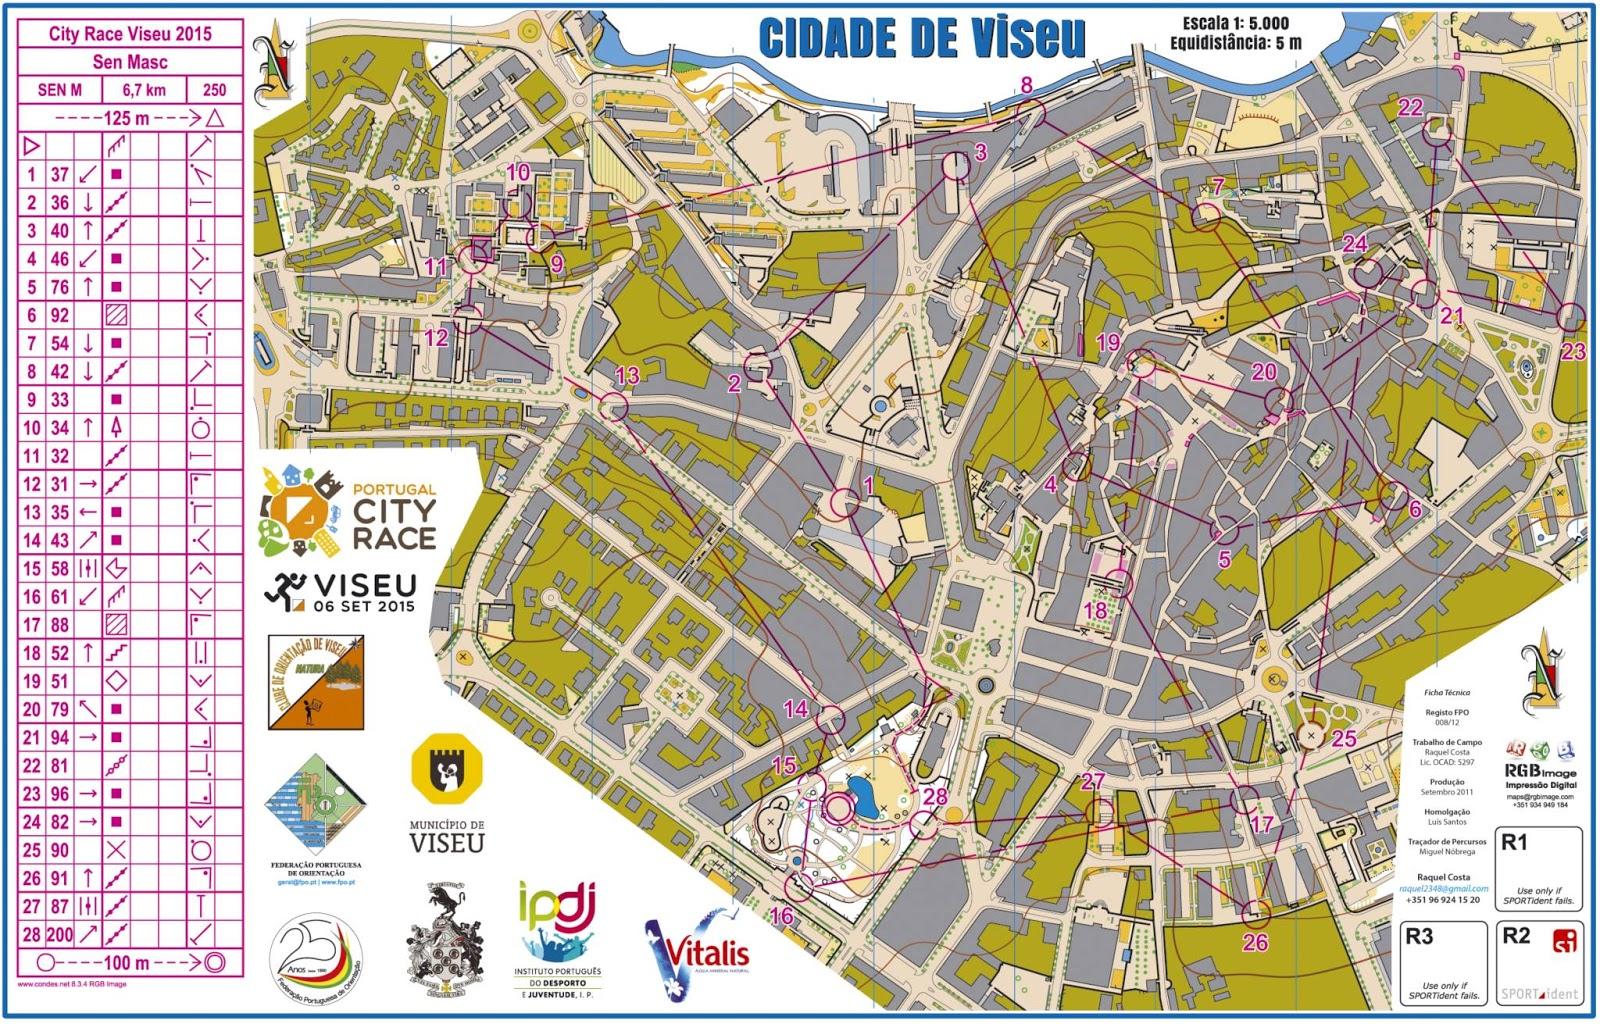 mapa das ruas de viseu ORIENTOVAR: Viseu City Race: Triunfos de Tiago Gingão Leal e  mapa das ruas de viseu